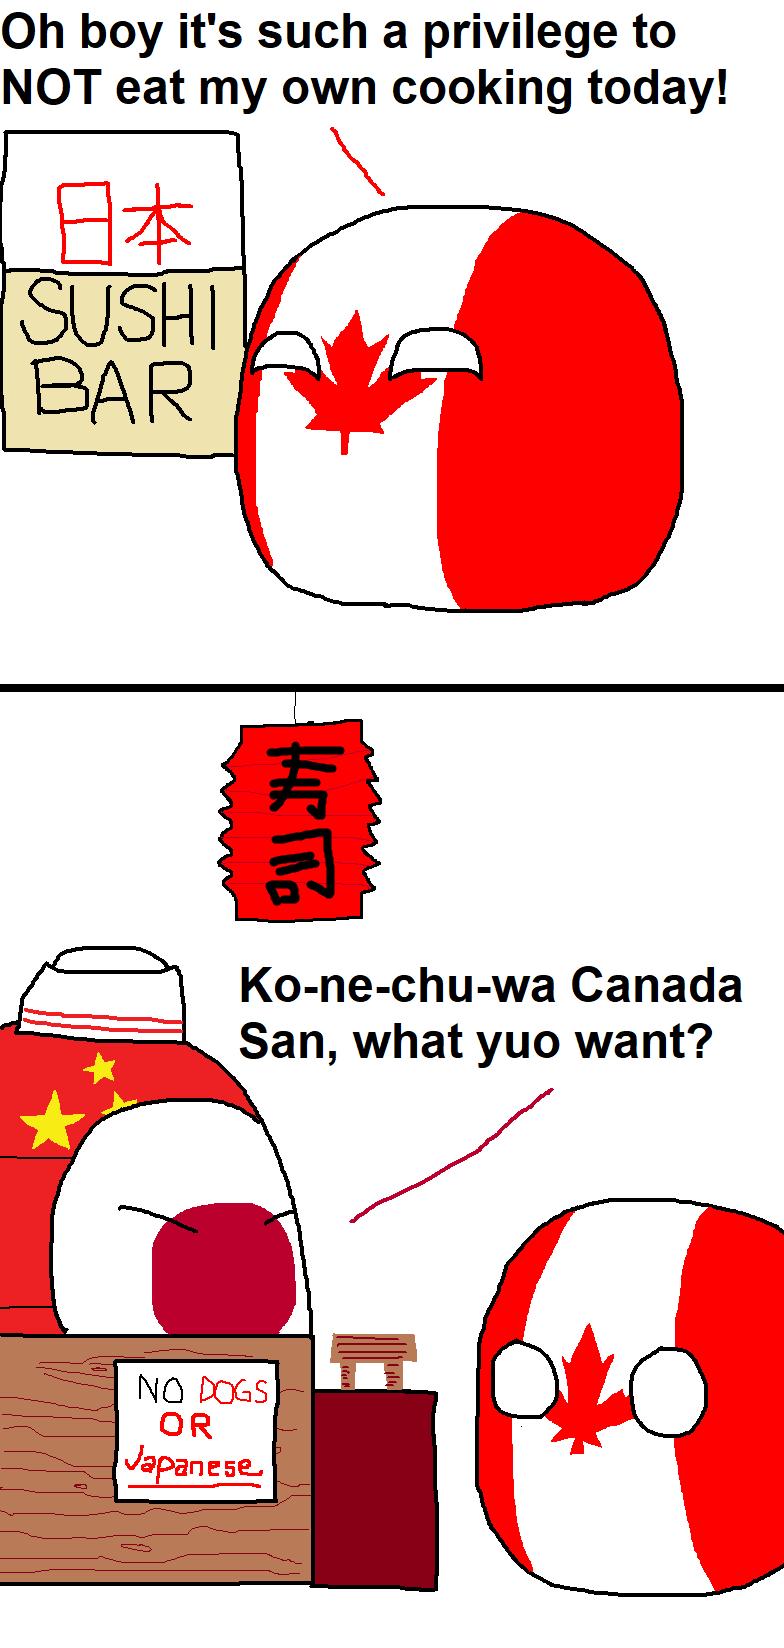 アンテナ の 中国 韓国 反応